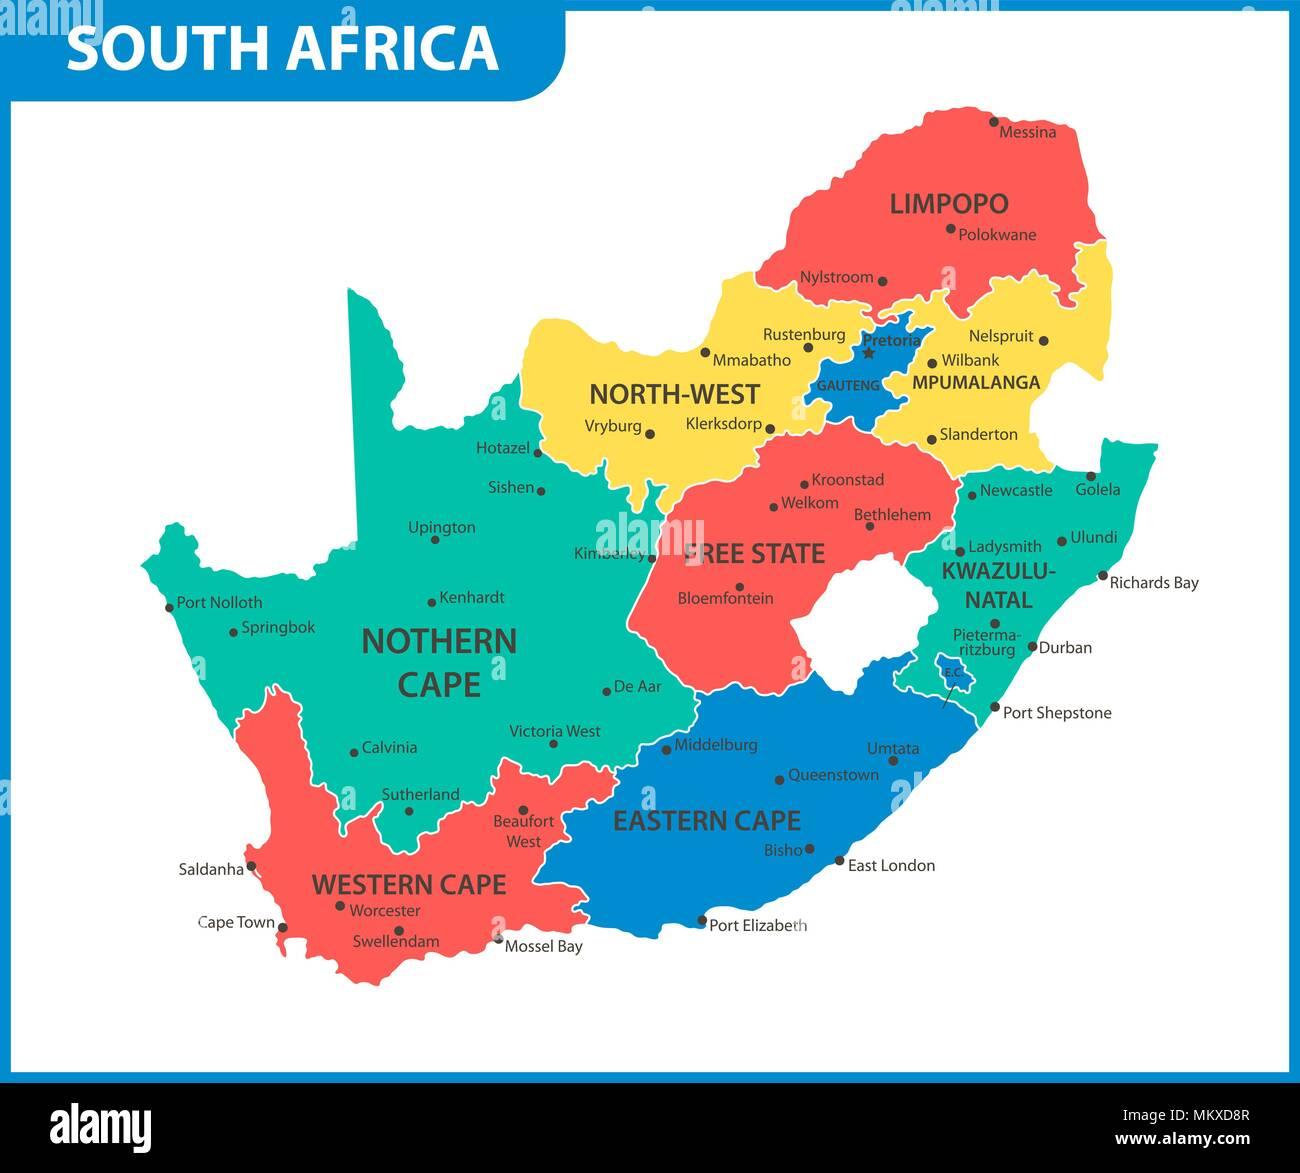 Carte De Lafrique Du Sud Avec Les Villes.La Carte Detaillee De L Afrique Du Sud Avec Les Regions Ou